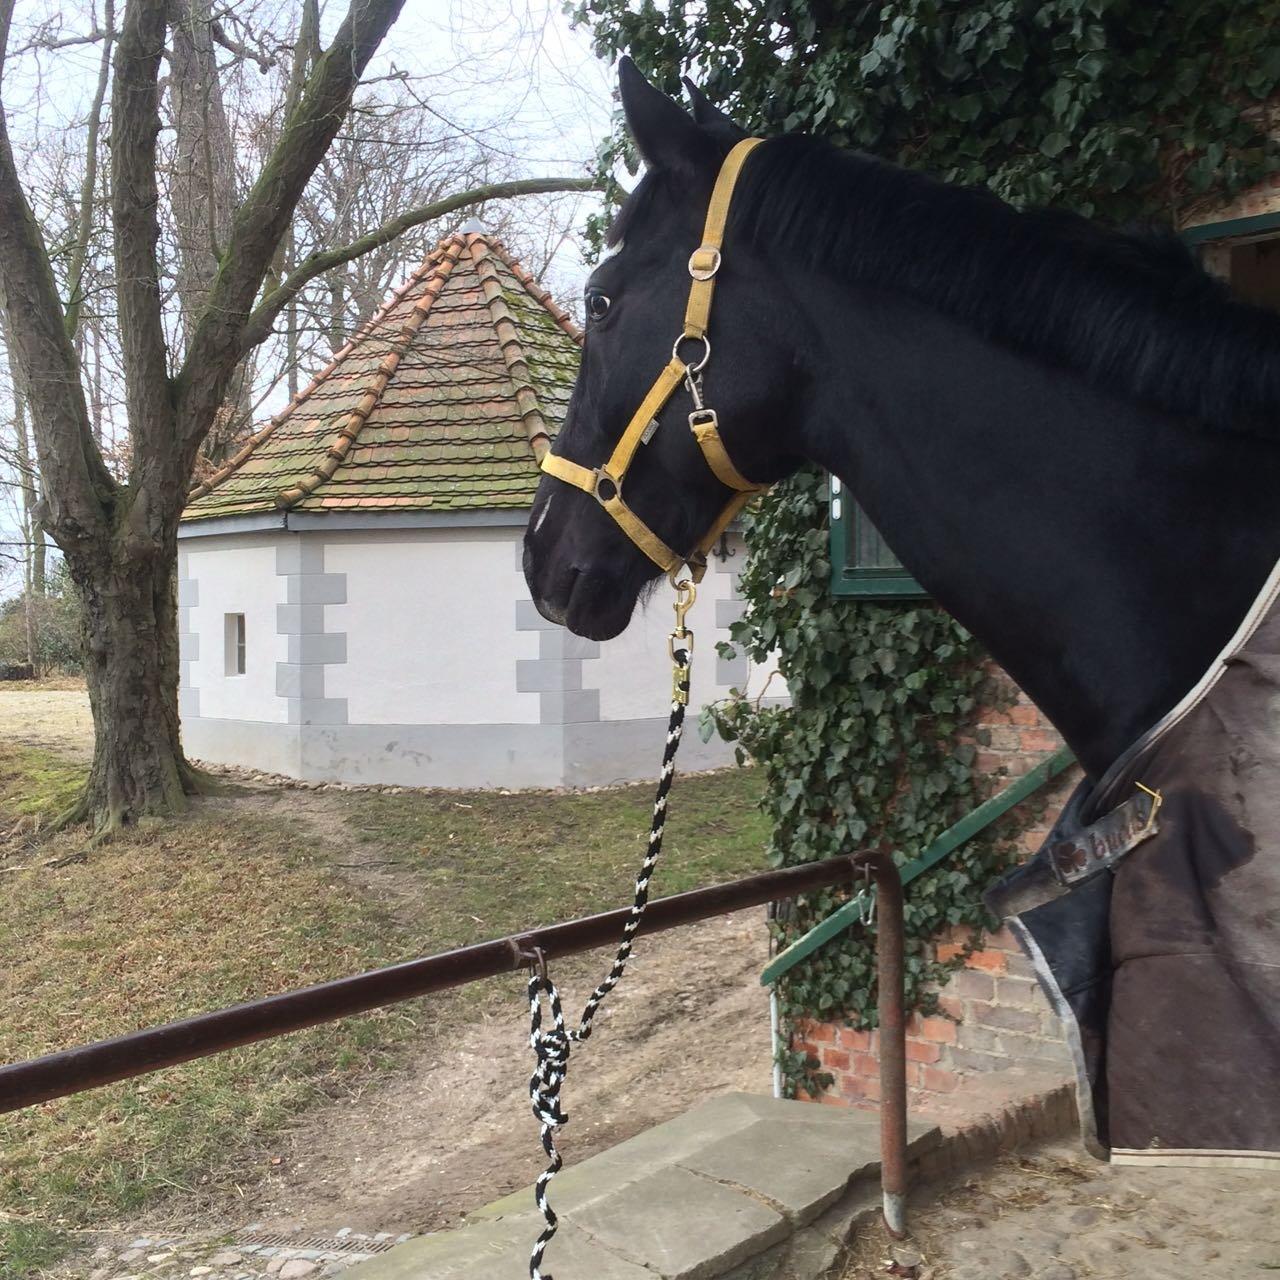 Esel F/ührleine Anbindeseil Pony F/ührstrick f/ür Pferd Ziege Anbindestrick in verschiedenen stylischen Designs